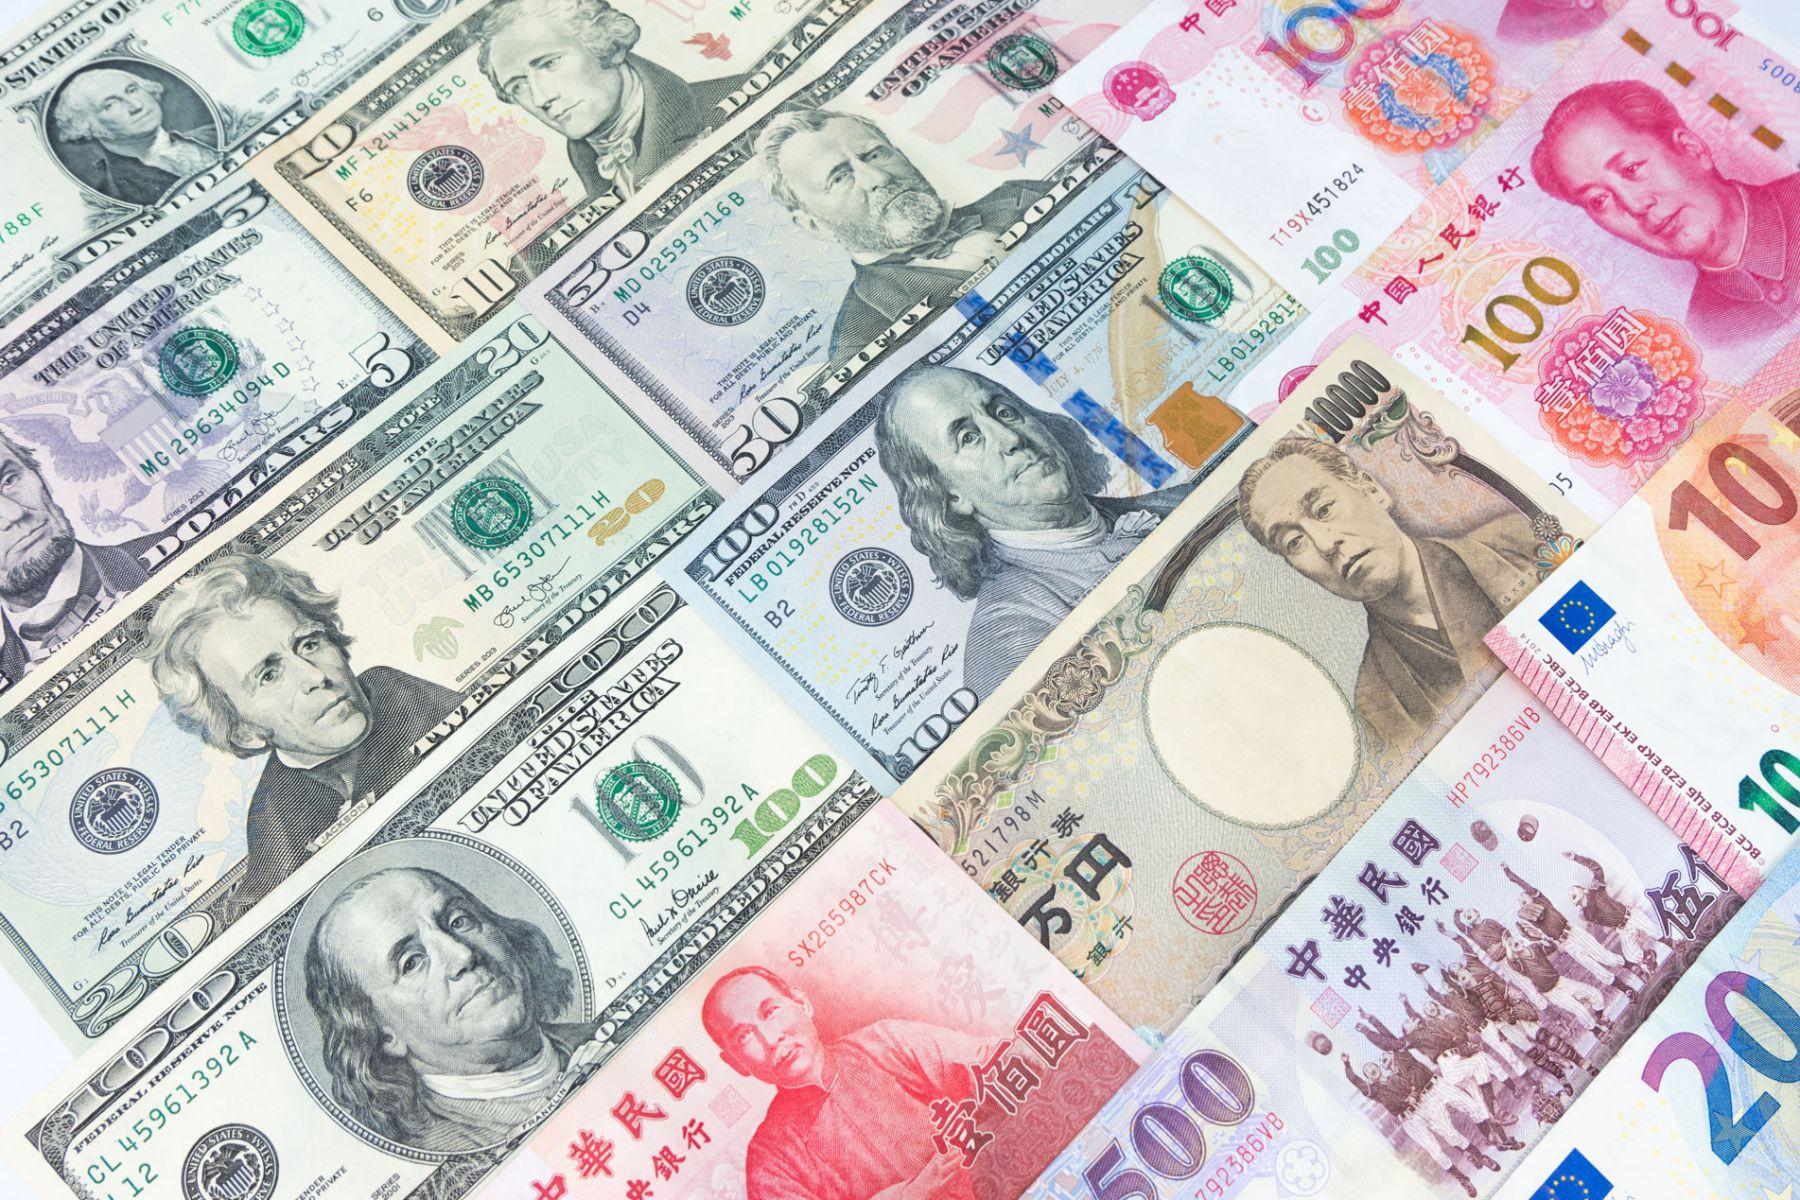 美元換匯瘋潮 我該跟進嗎?